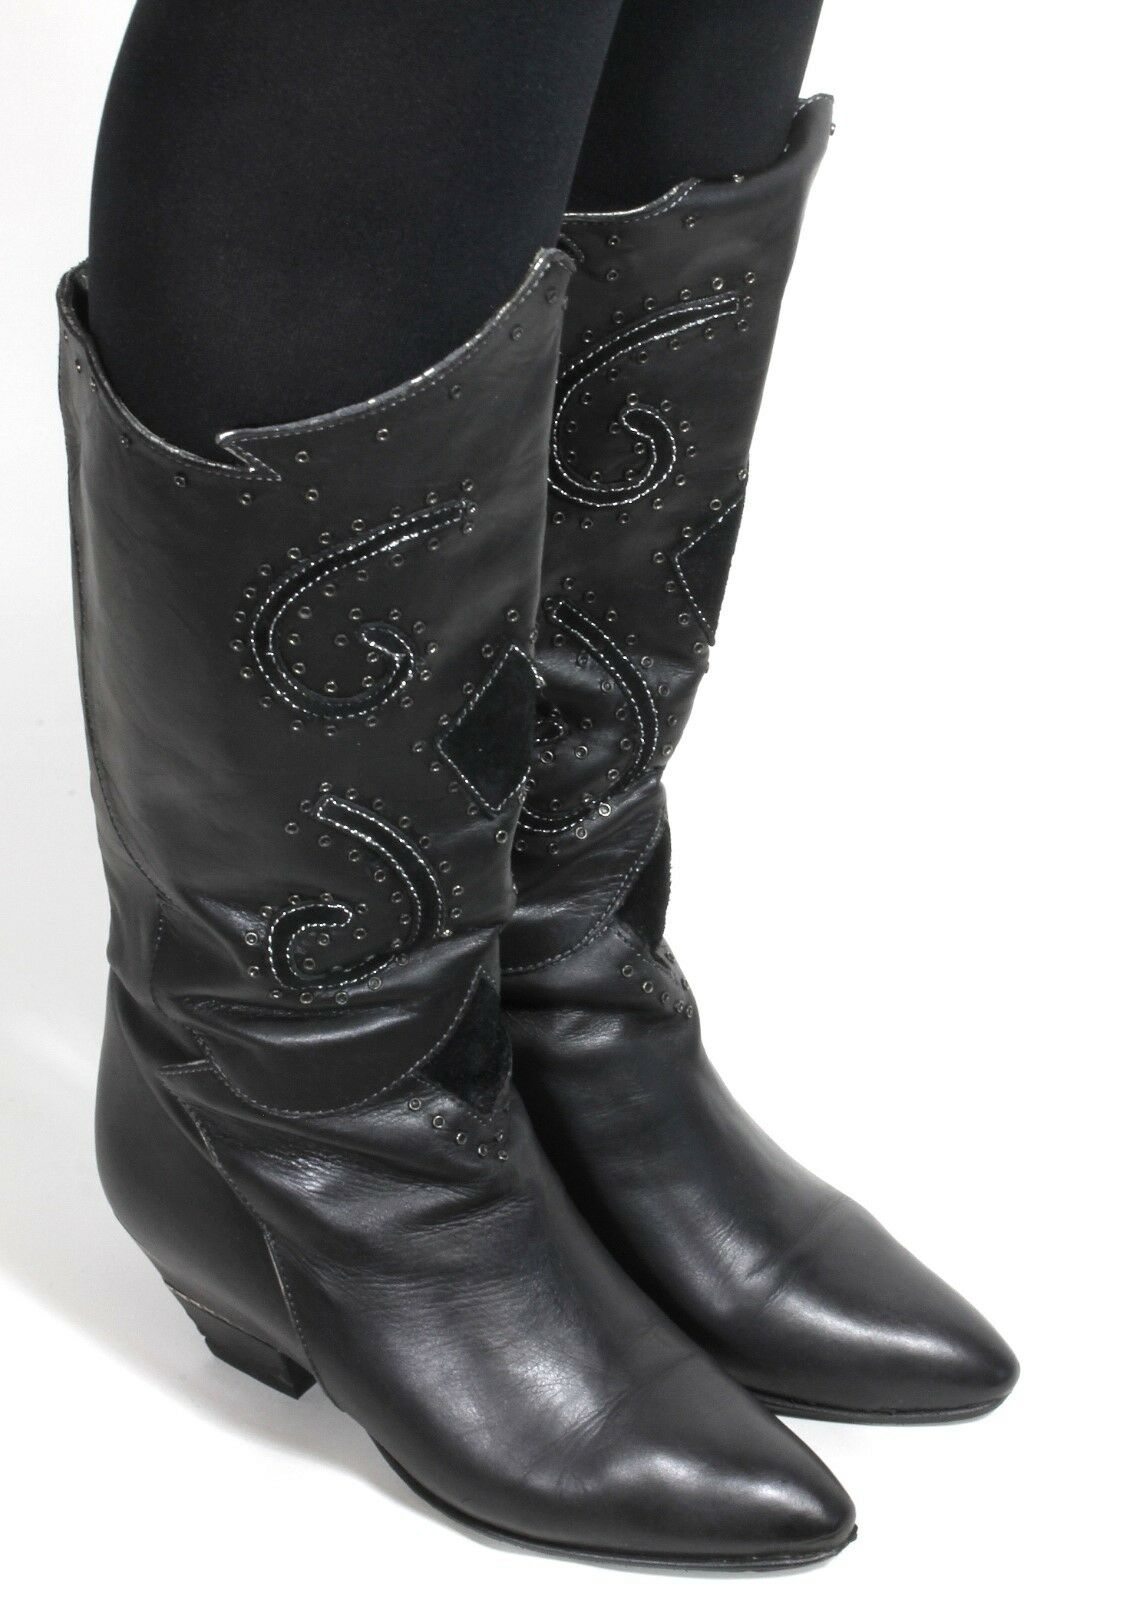 Leder Vintage Stiefel Damenstiefel Hipster Elegant Boho Ethno Silber Metallic 37